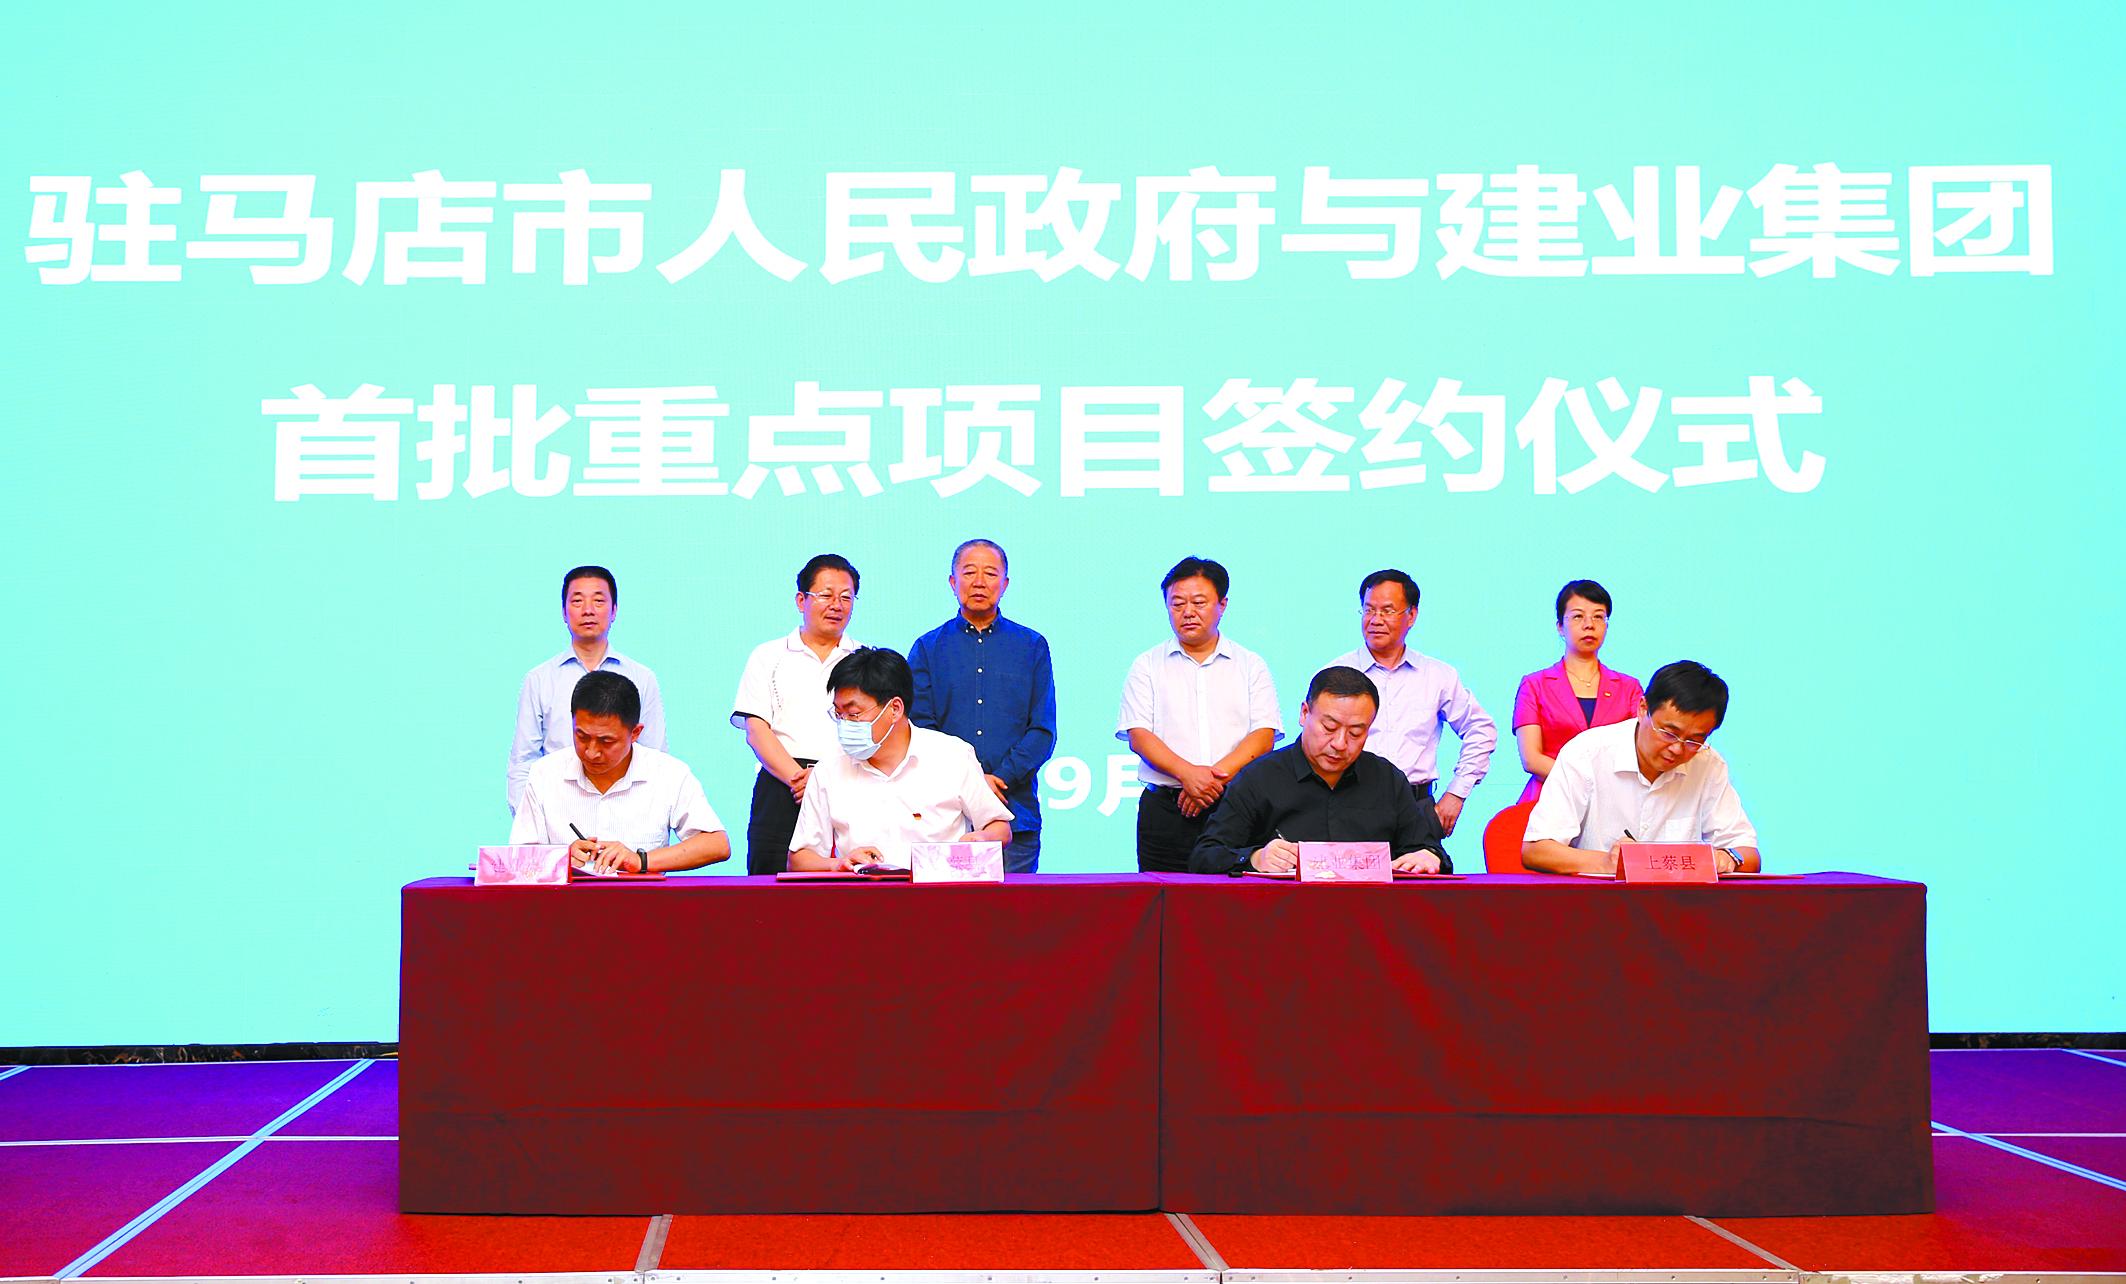 市政府与建业集团首批重点合作项目签约